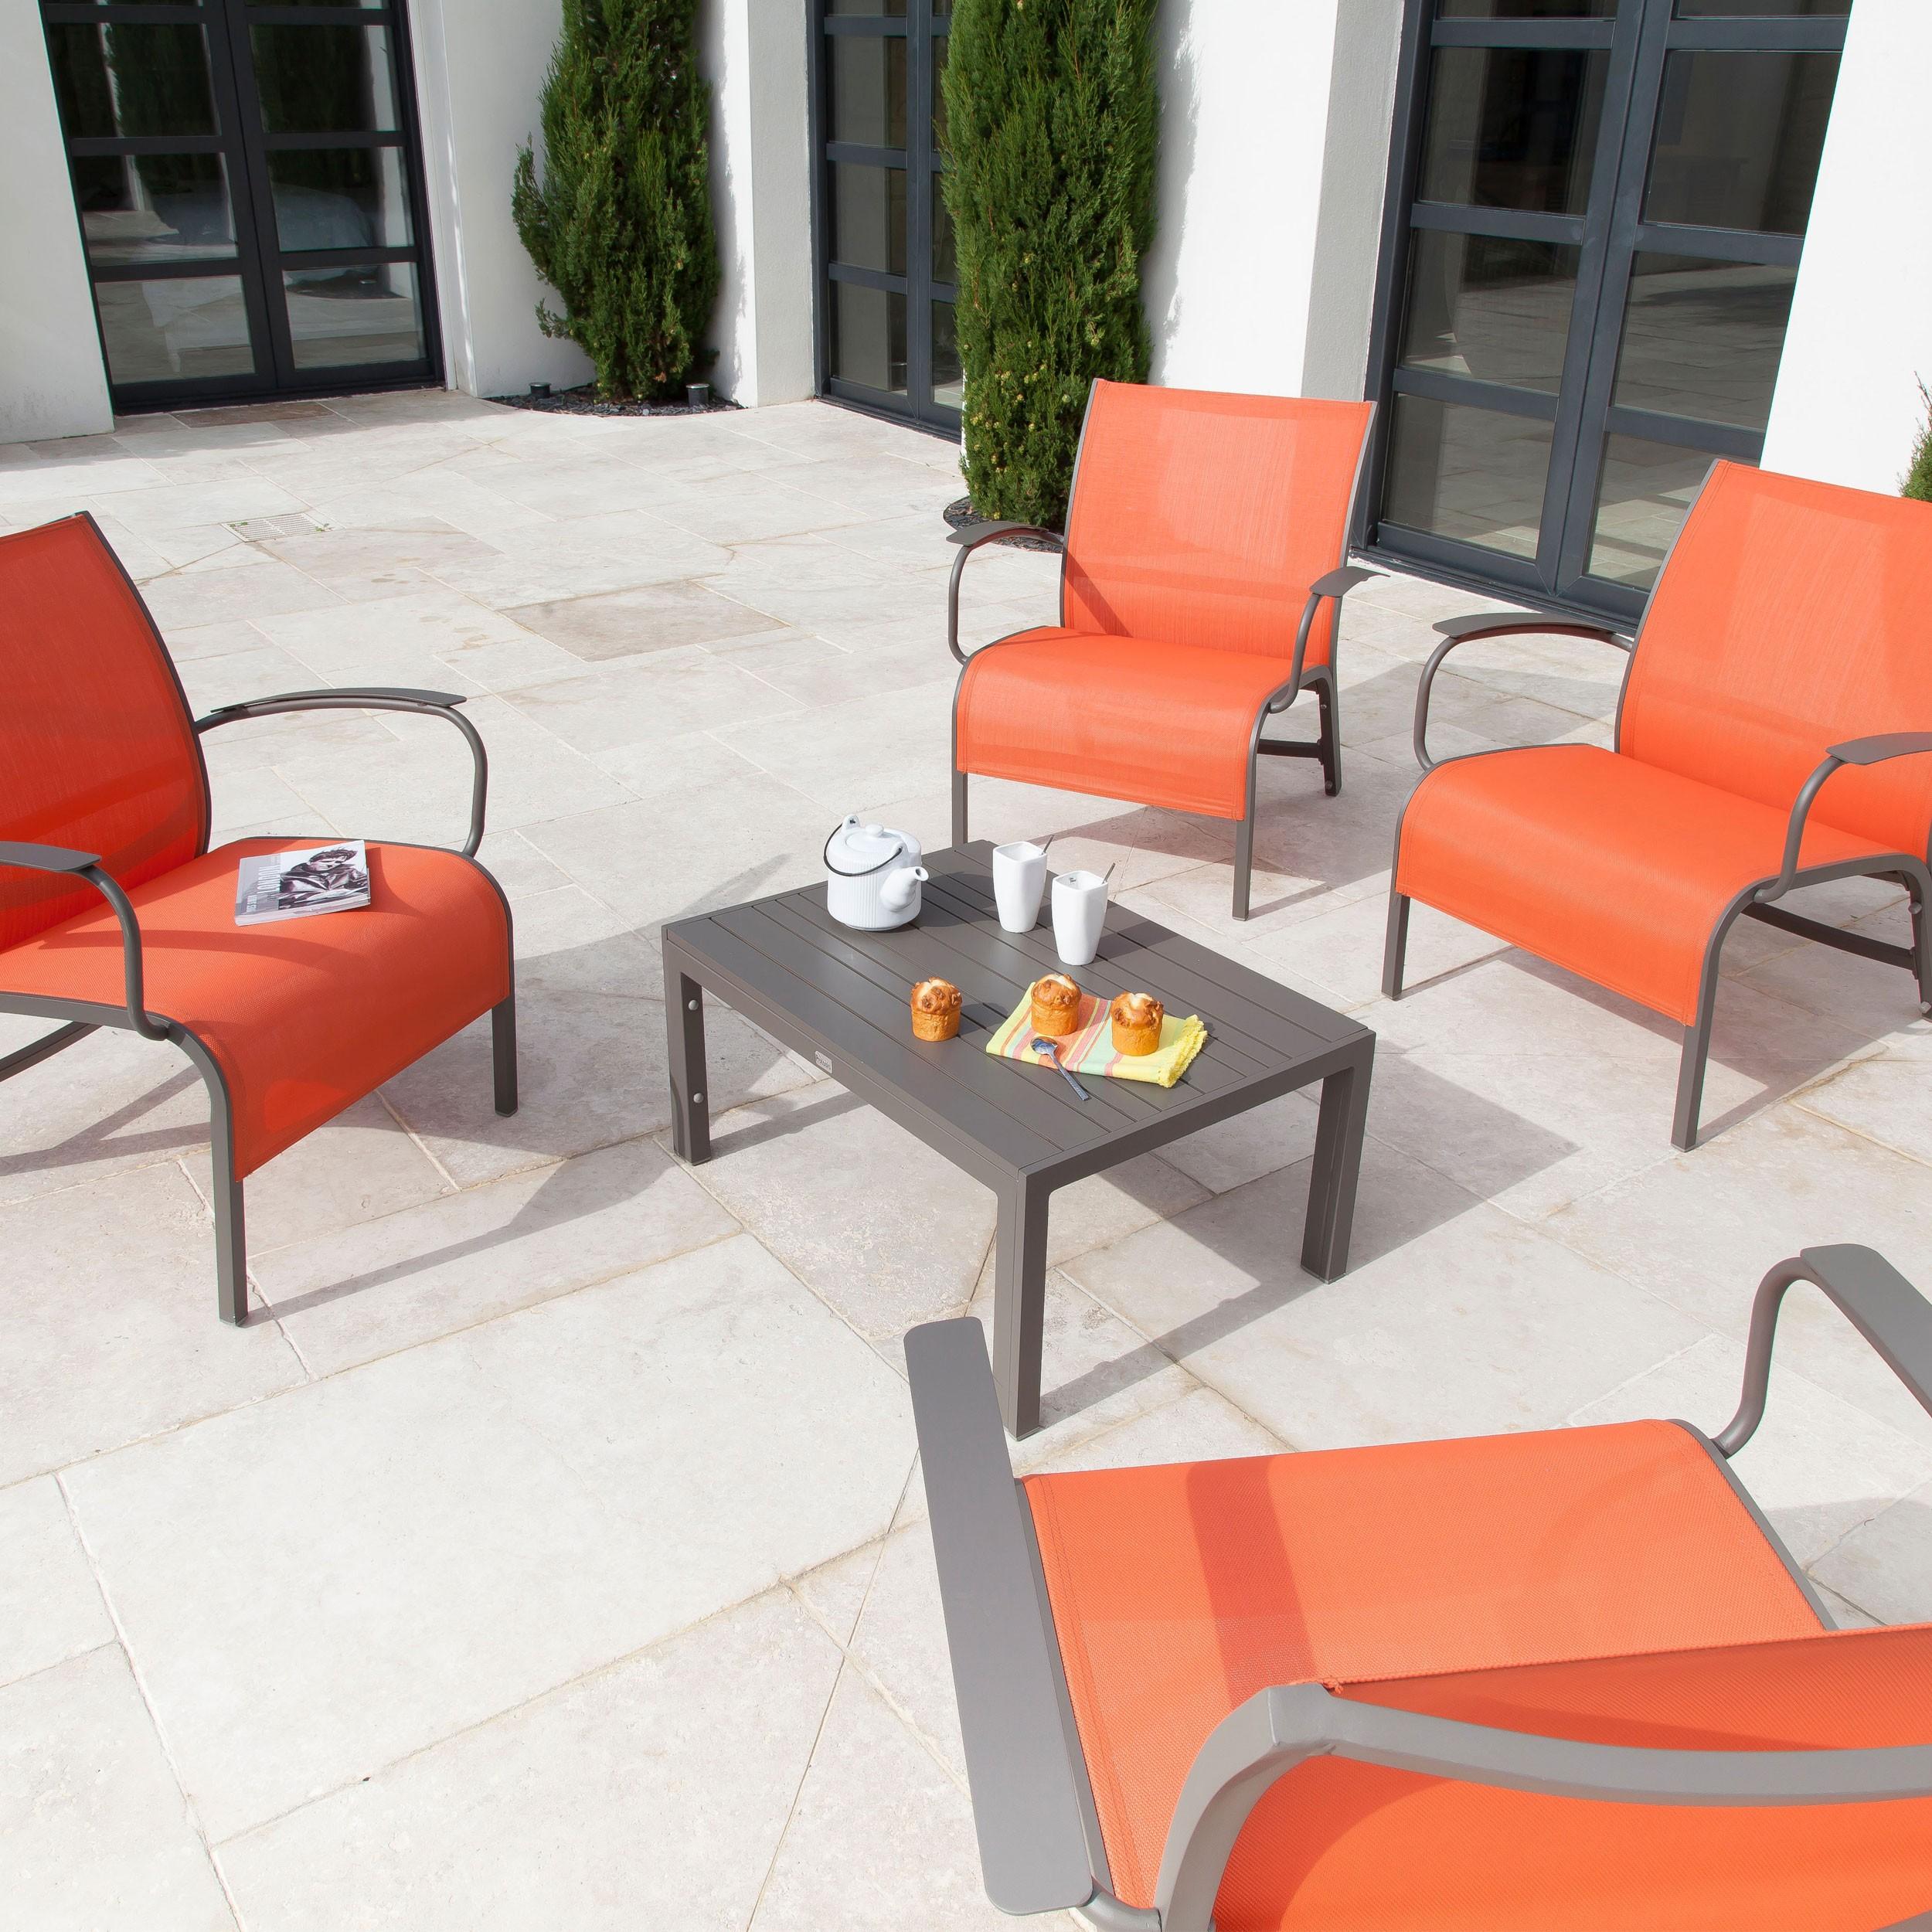 achat salon de jardin terracotta design pas cher previous - Achat Salon De Jardin